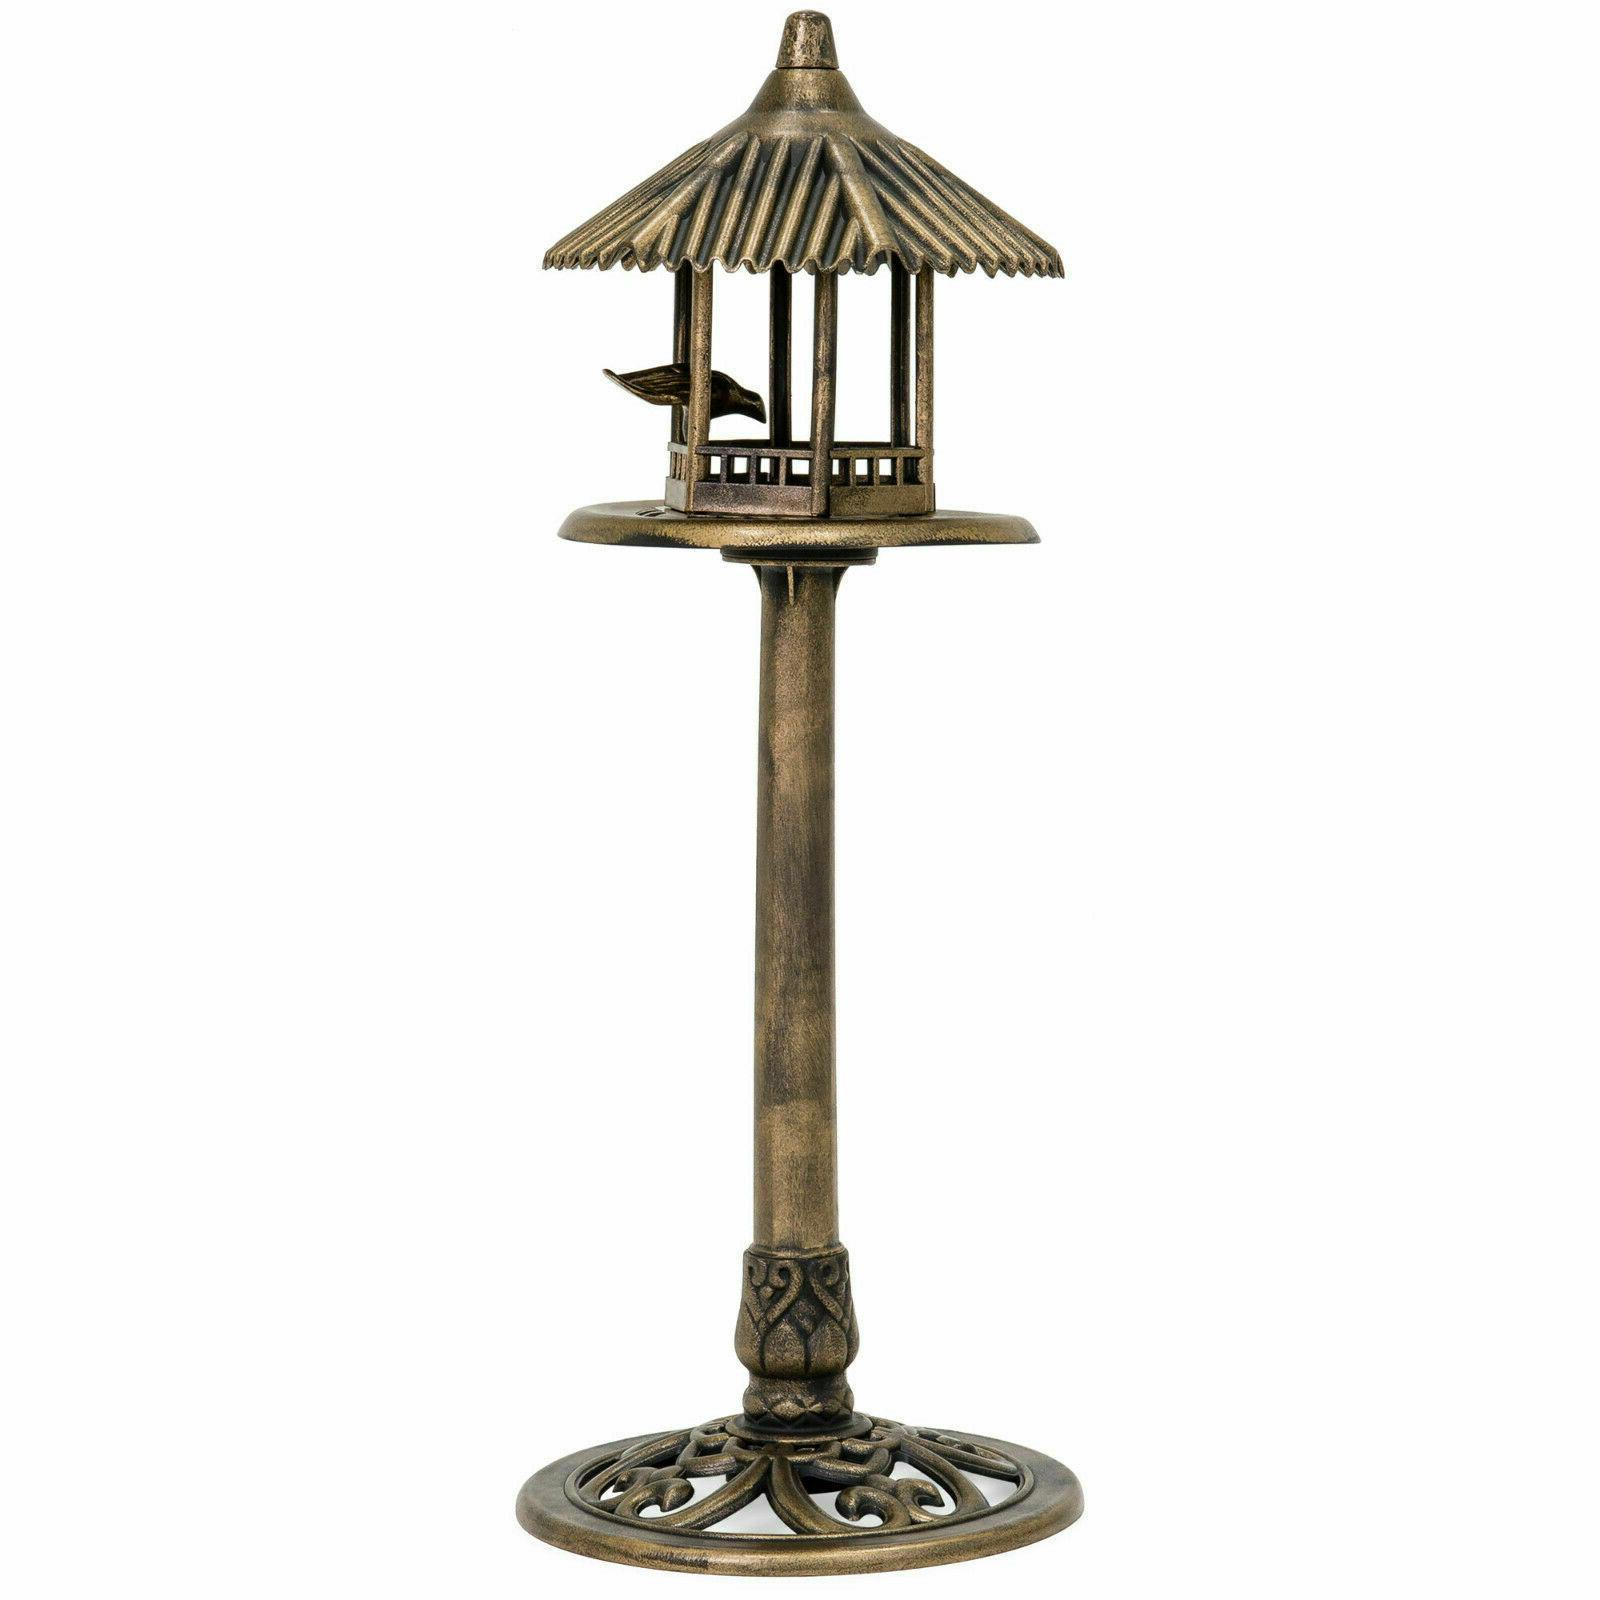 small antique outdoor gazebo top bird feeder